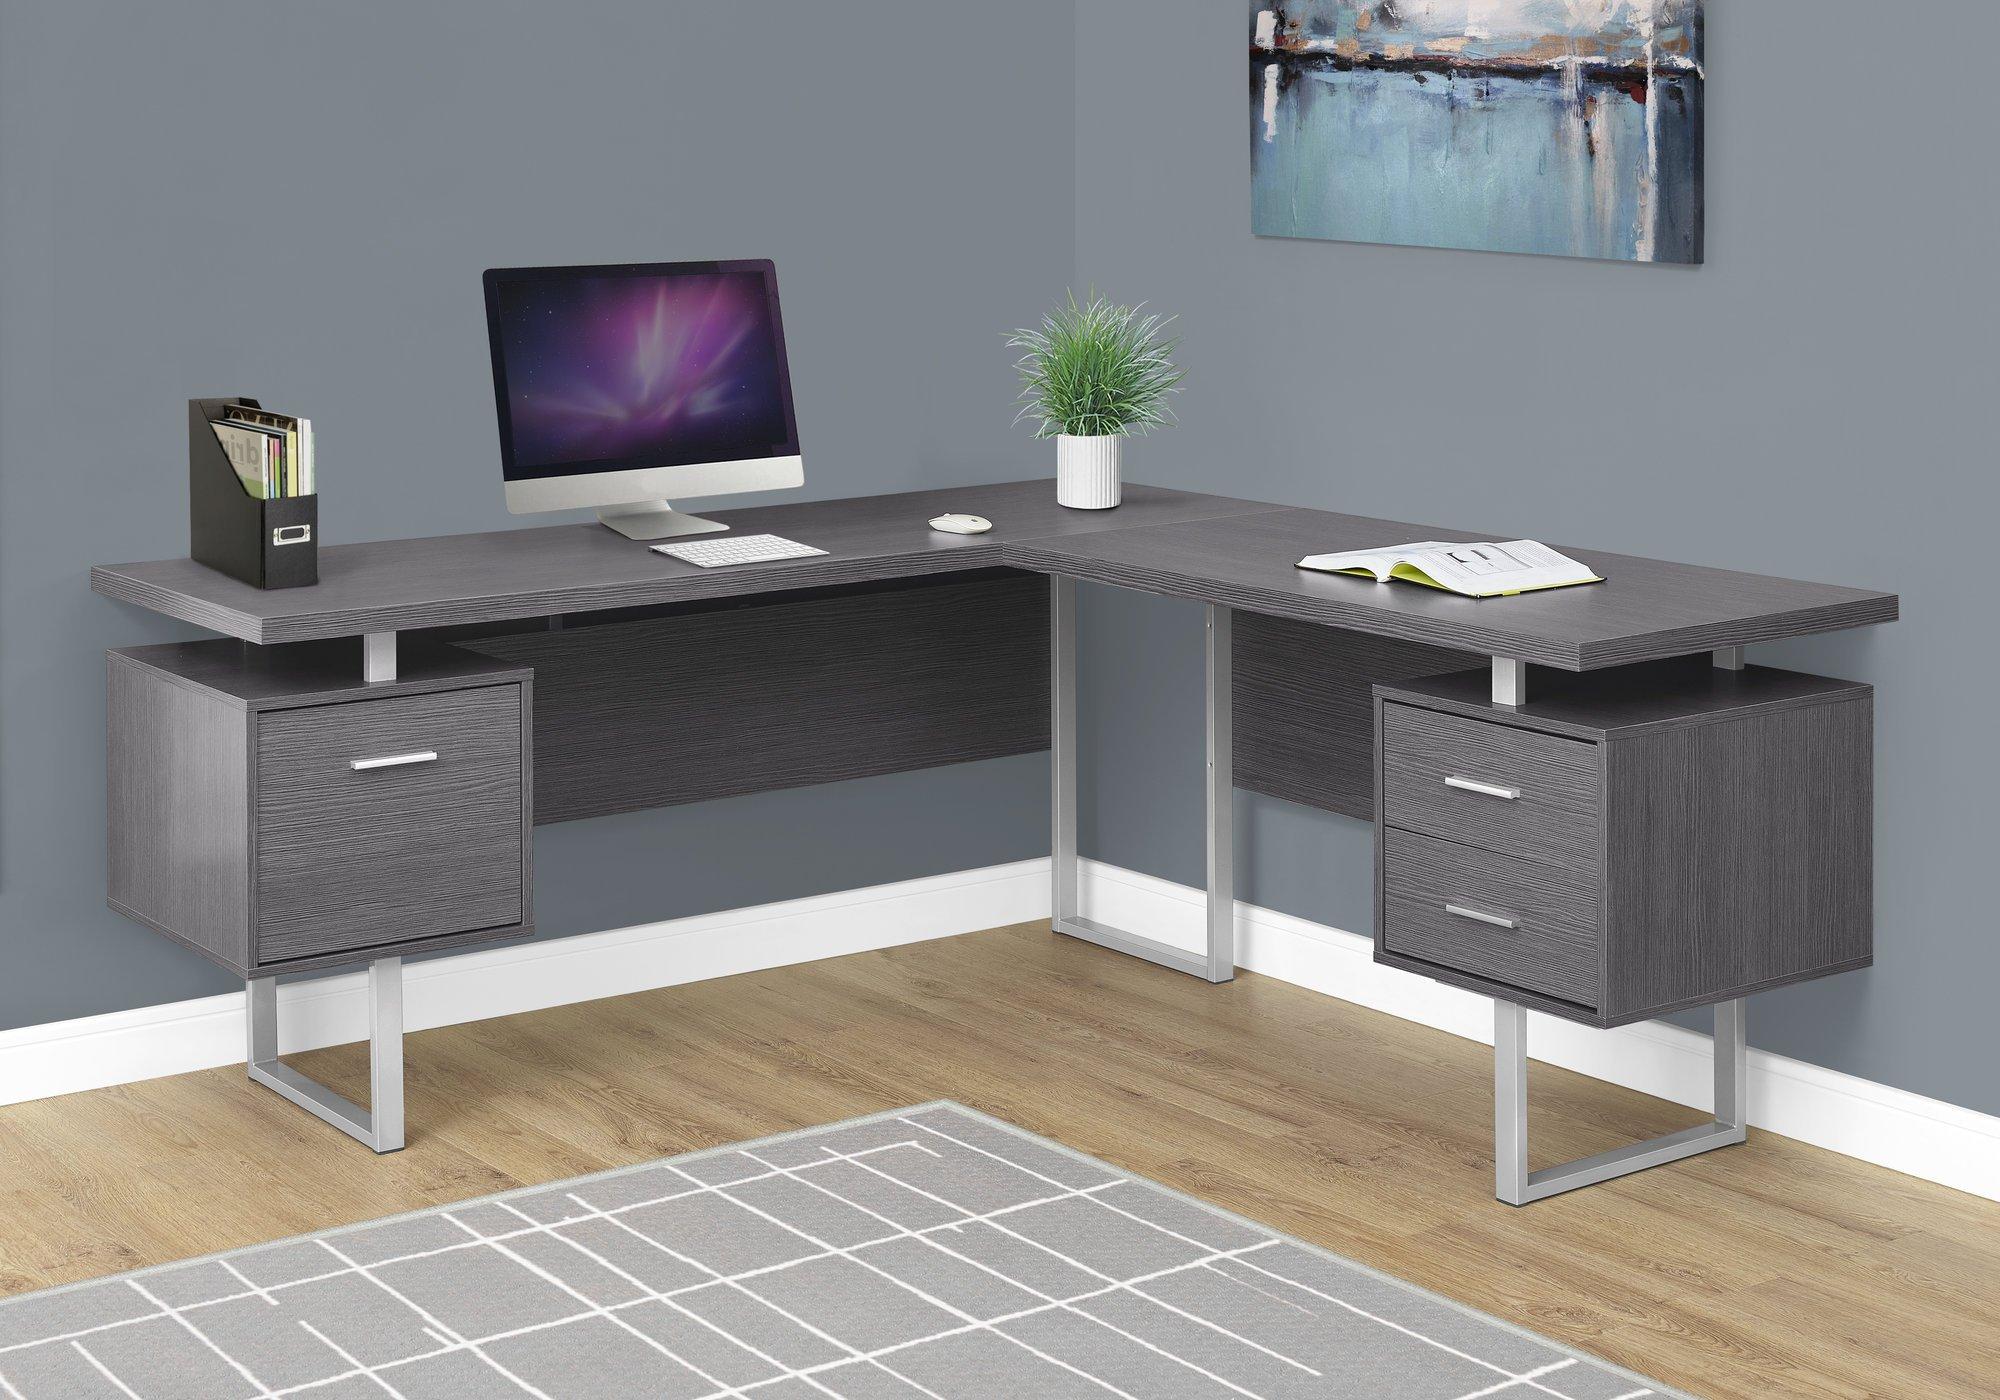 Modern 71 L Shaped Grey Office Desk W Drawers In 2020 Corner